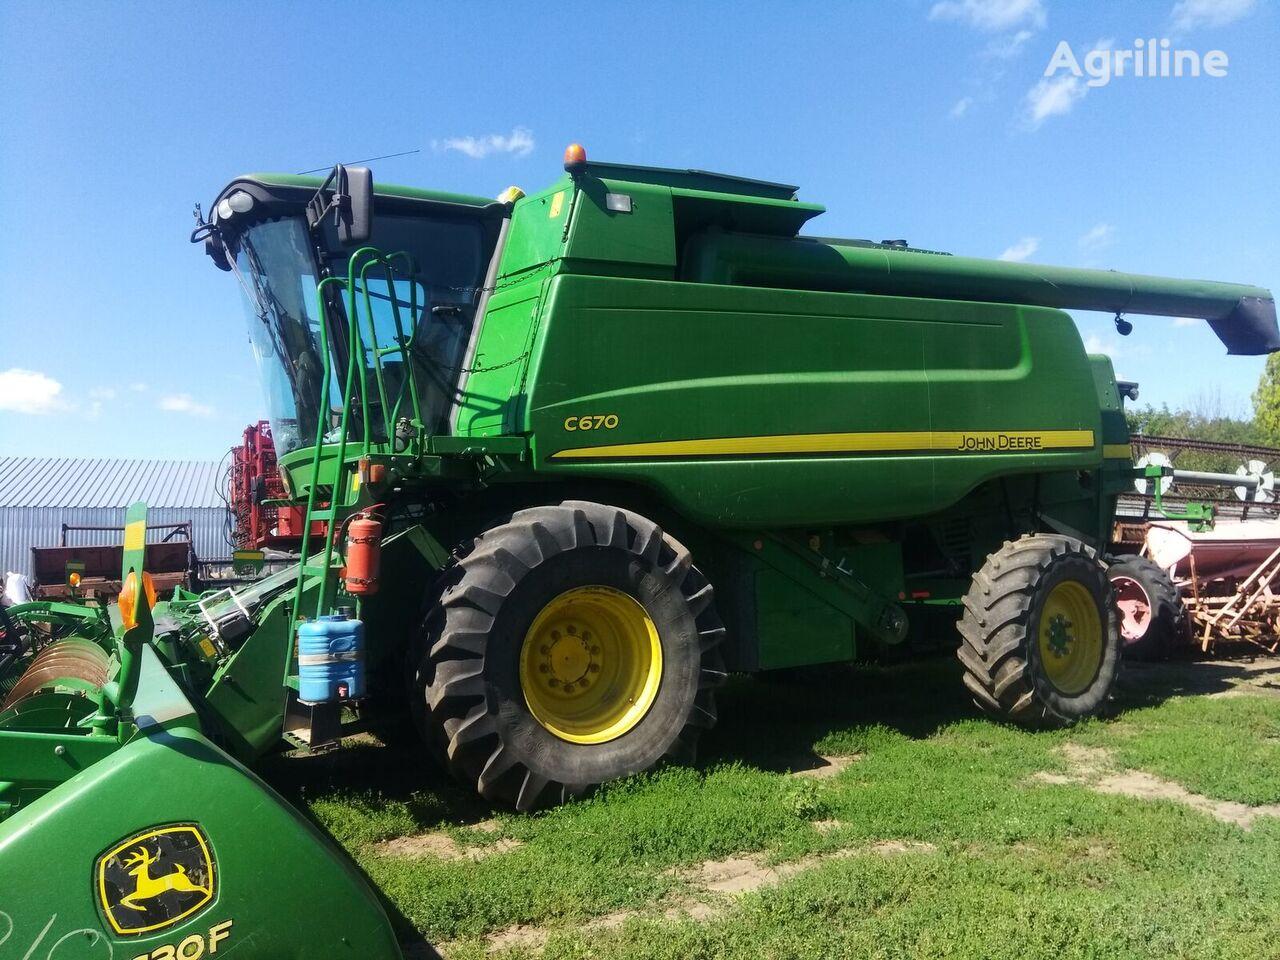 JOHN DEERE C670i grain harvester